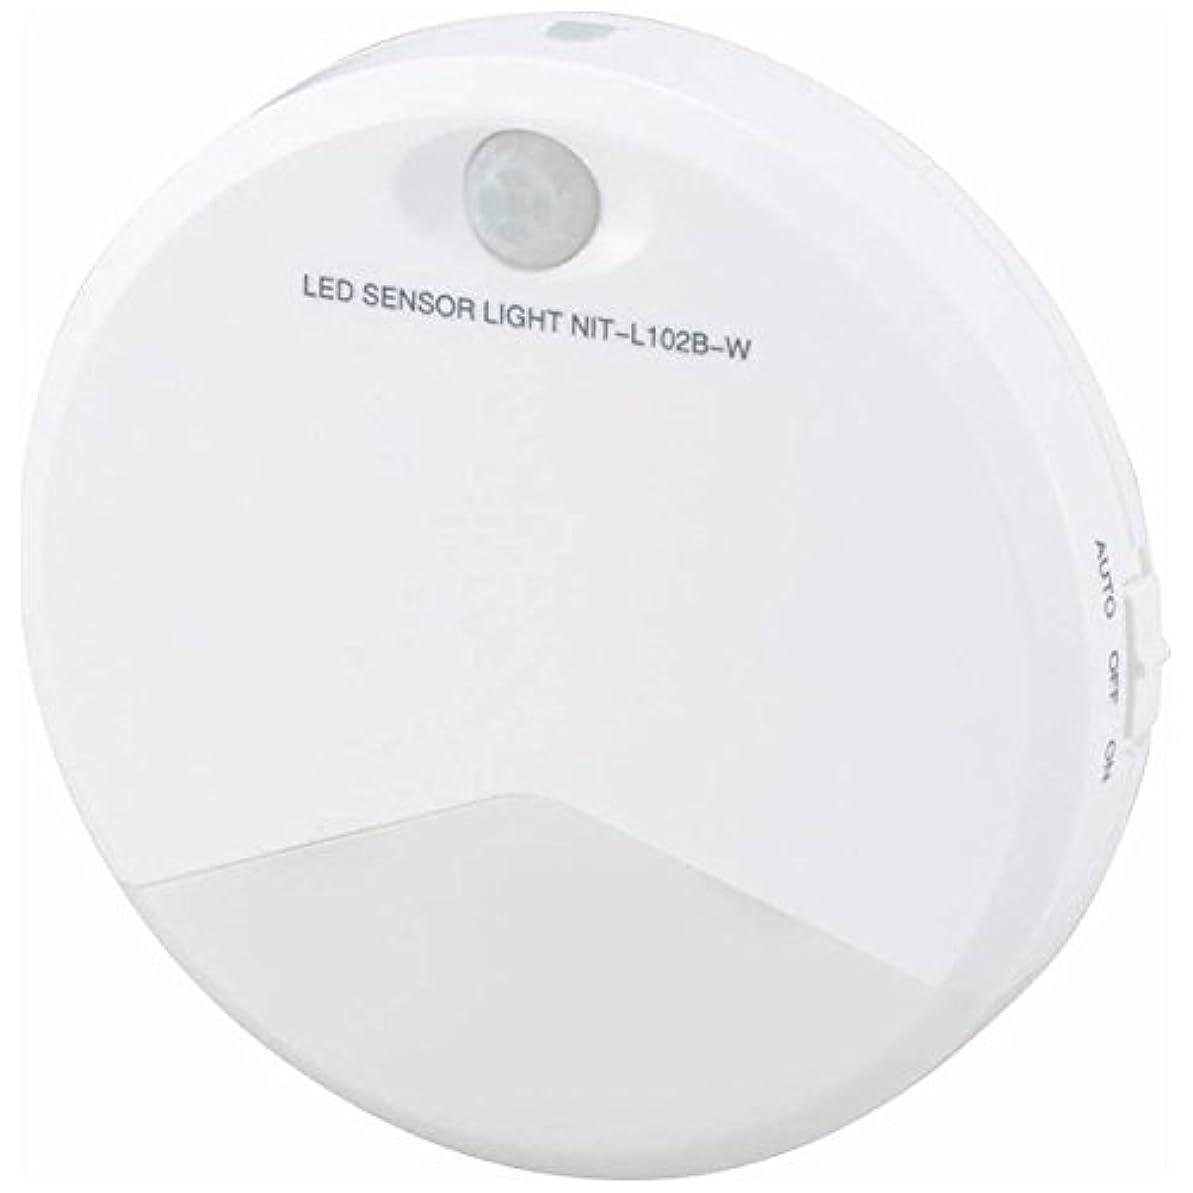 同性愛者写真を描く識別するOHM LEDセンサーライト NIT-L102B-W 933783